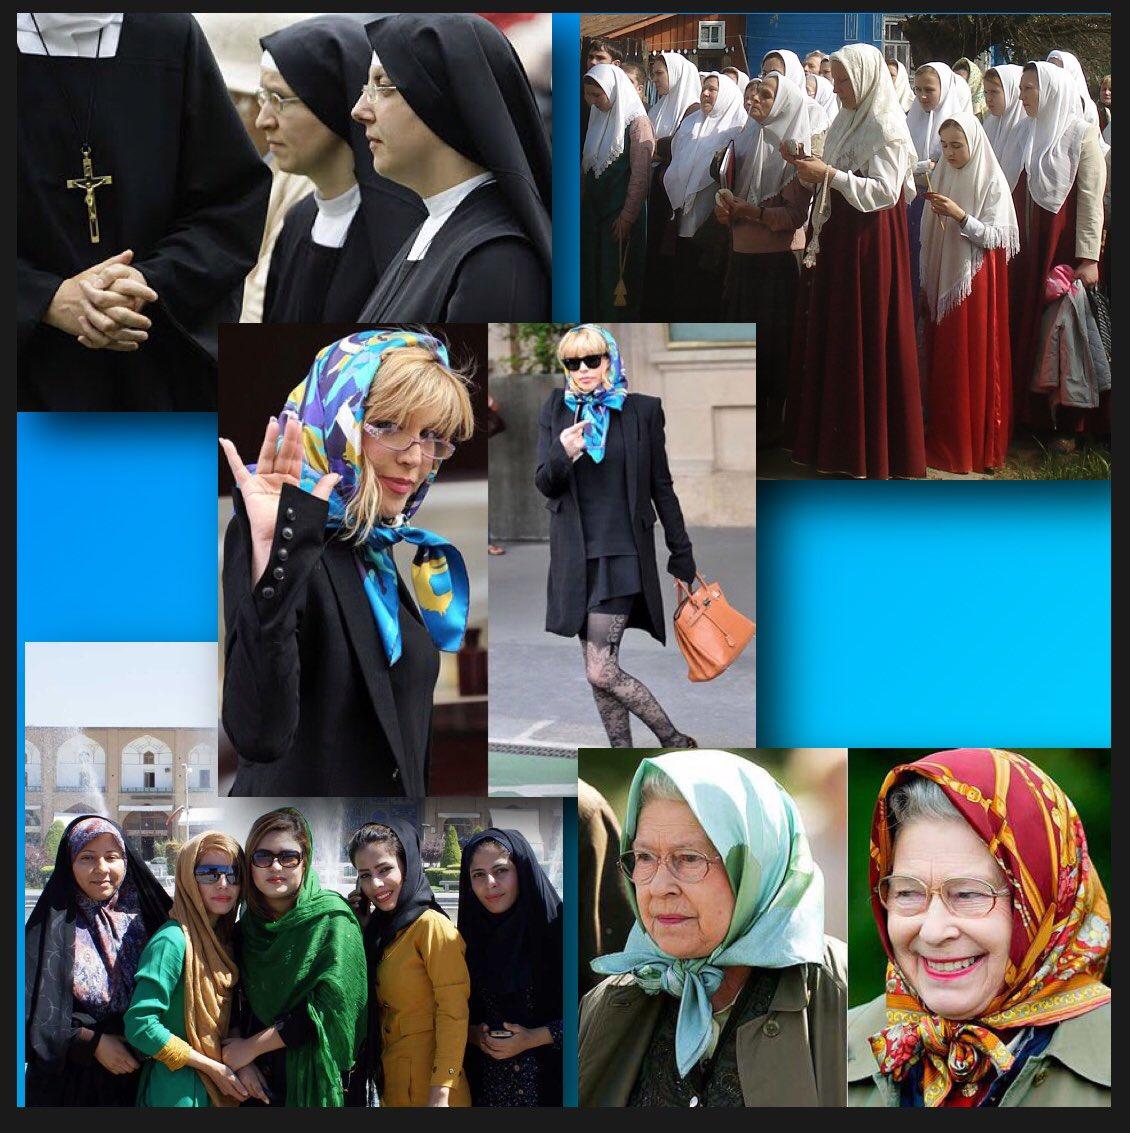 Meine Mutter und meine Oma haben auch Kopftuch getragen. Wer Frauen dazu zwingt ein Koptuch zu tragen ist genauso bekloppt wie einer der Frauen zwingt ohne Kopftuch zu sein. #Selbstbestimmung #Gleichberechtigung #KeinZwang  Nonnen - Orthodoxe - Mode - Iran - Queen pic.twitter.com/p41cprc5vl